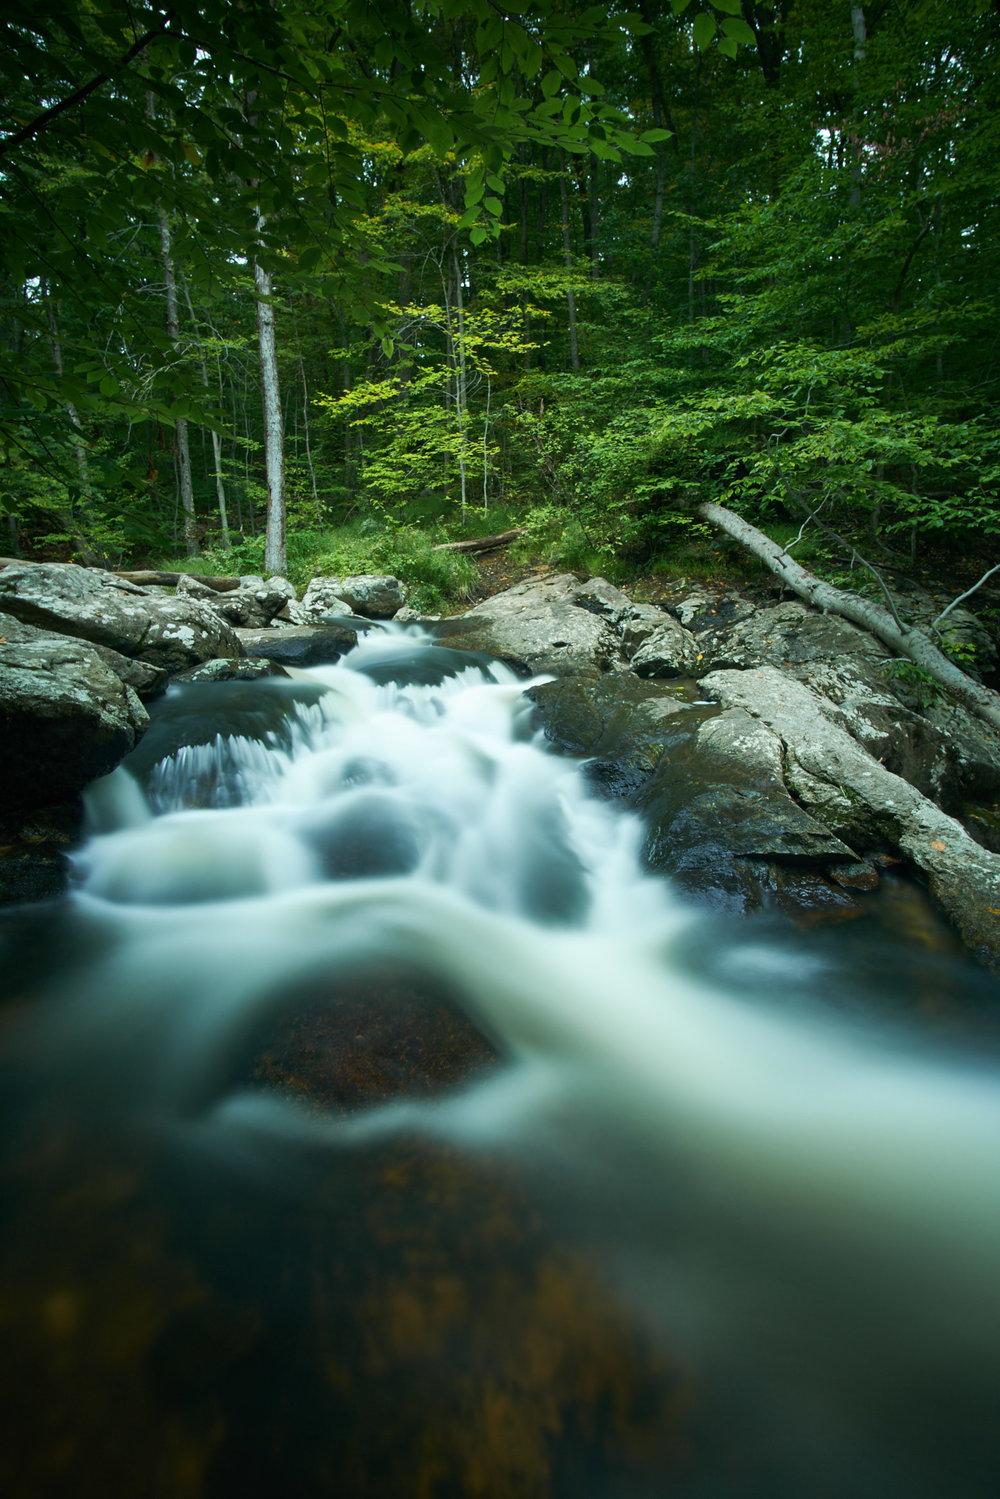 Buttermilk Falls, Chester, NJ